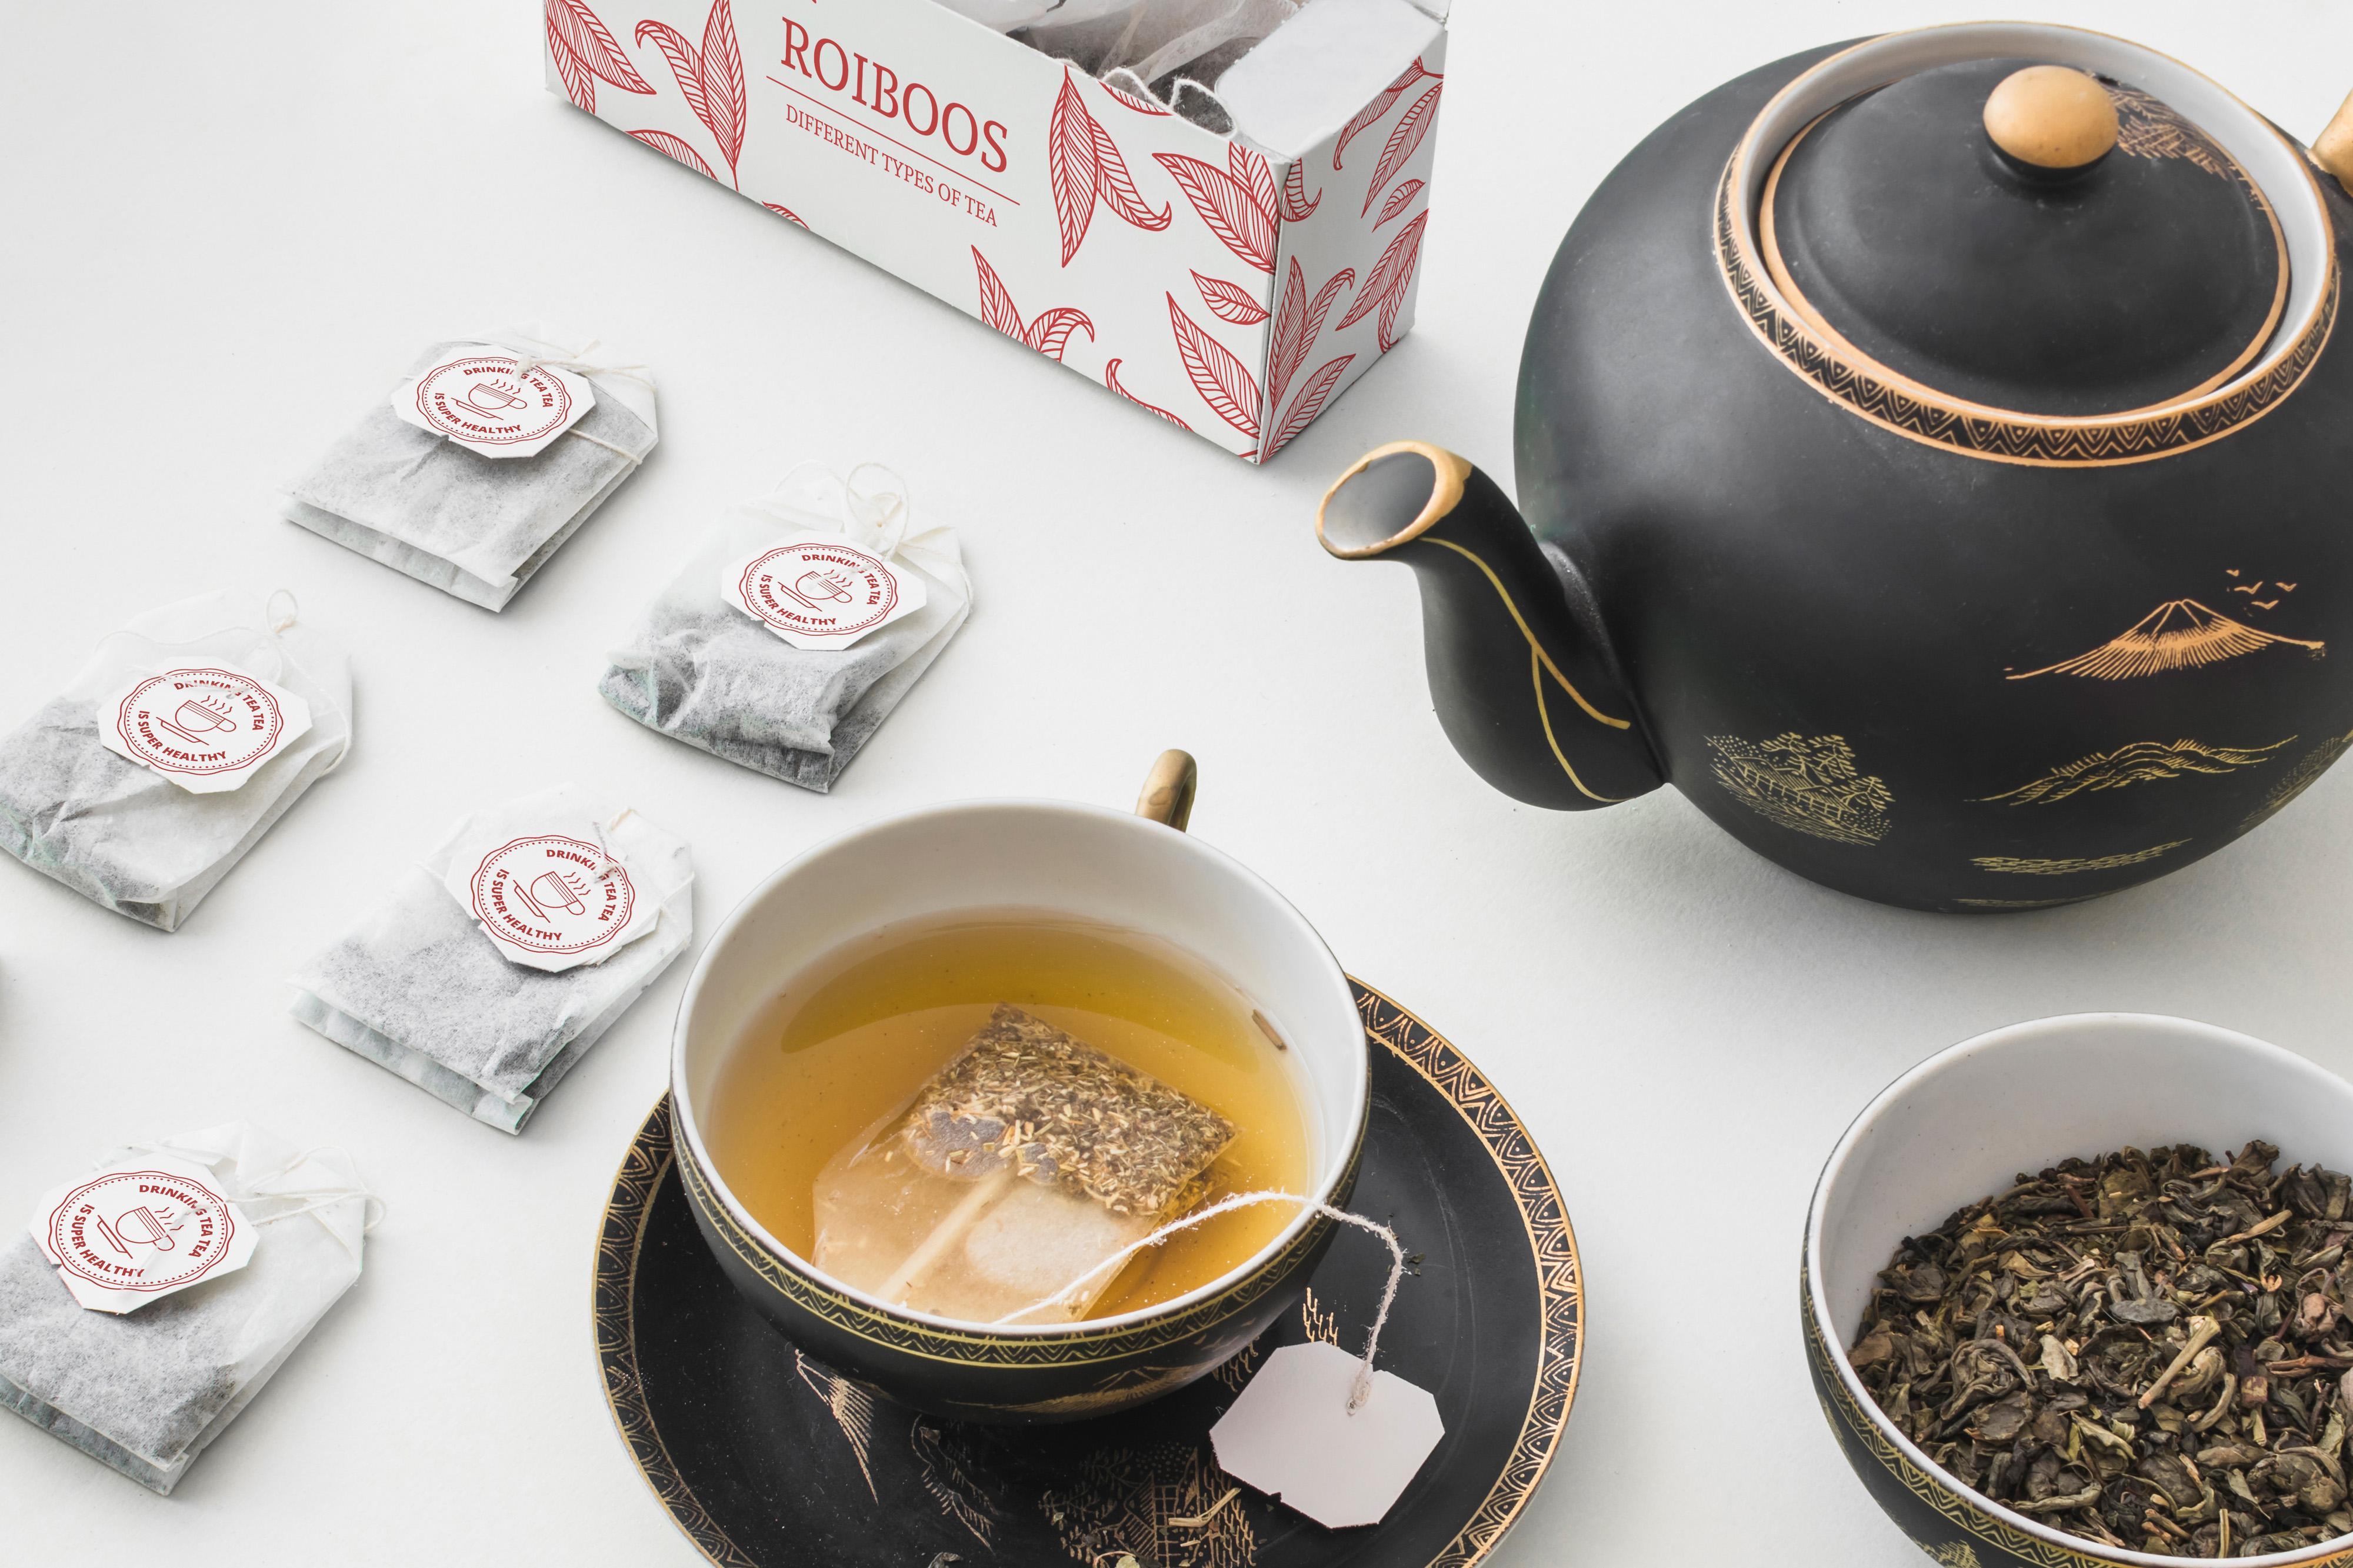 Правильно заваренный чай признак хорошего гостеприимства